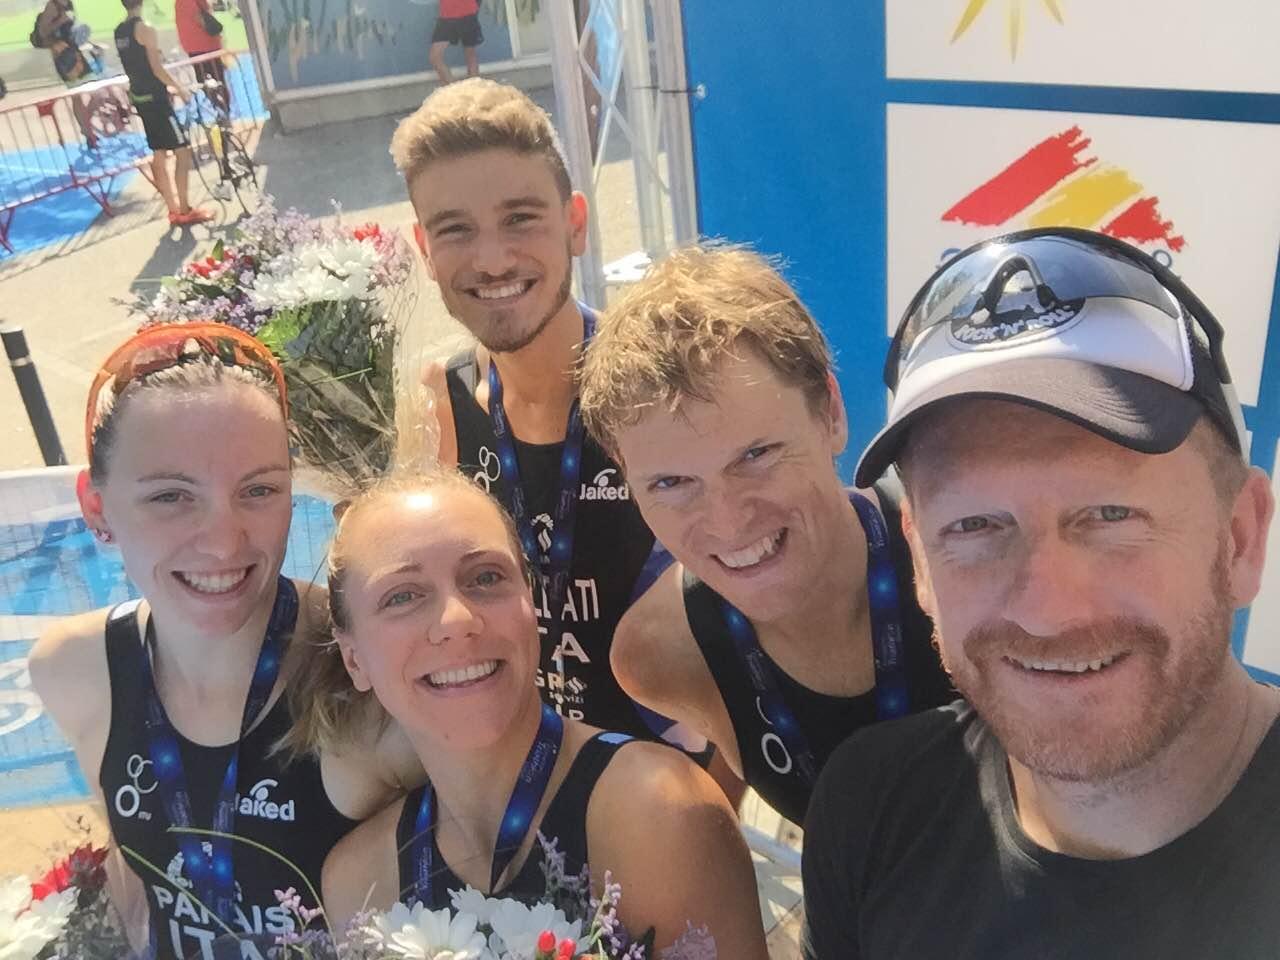 Il Triathlon Duathlon Rimini è argento al Campionato Europeo per Team